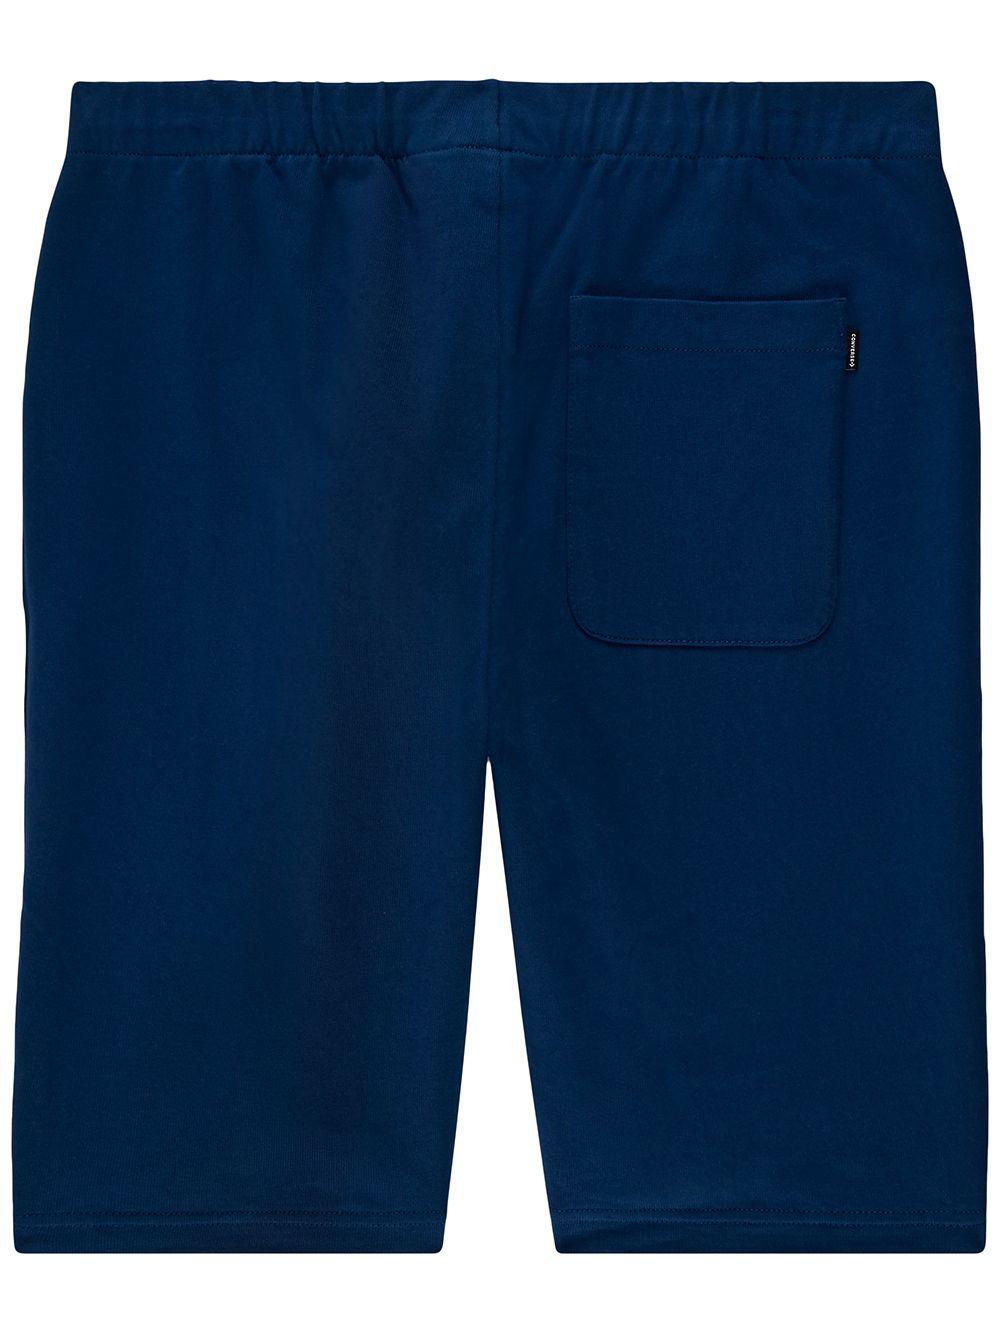 bermuda sportivi uomo blu in cotone CONVERSE X TELFAR | Bermuda | 10022846-A01NPWR